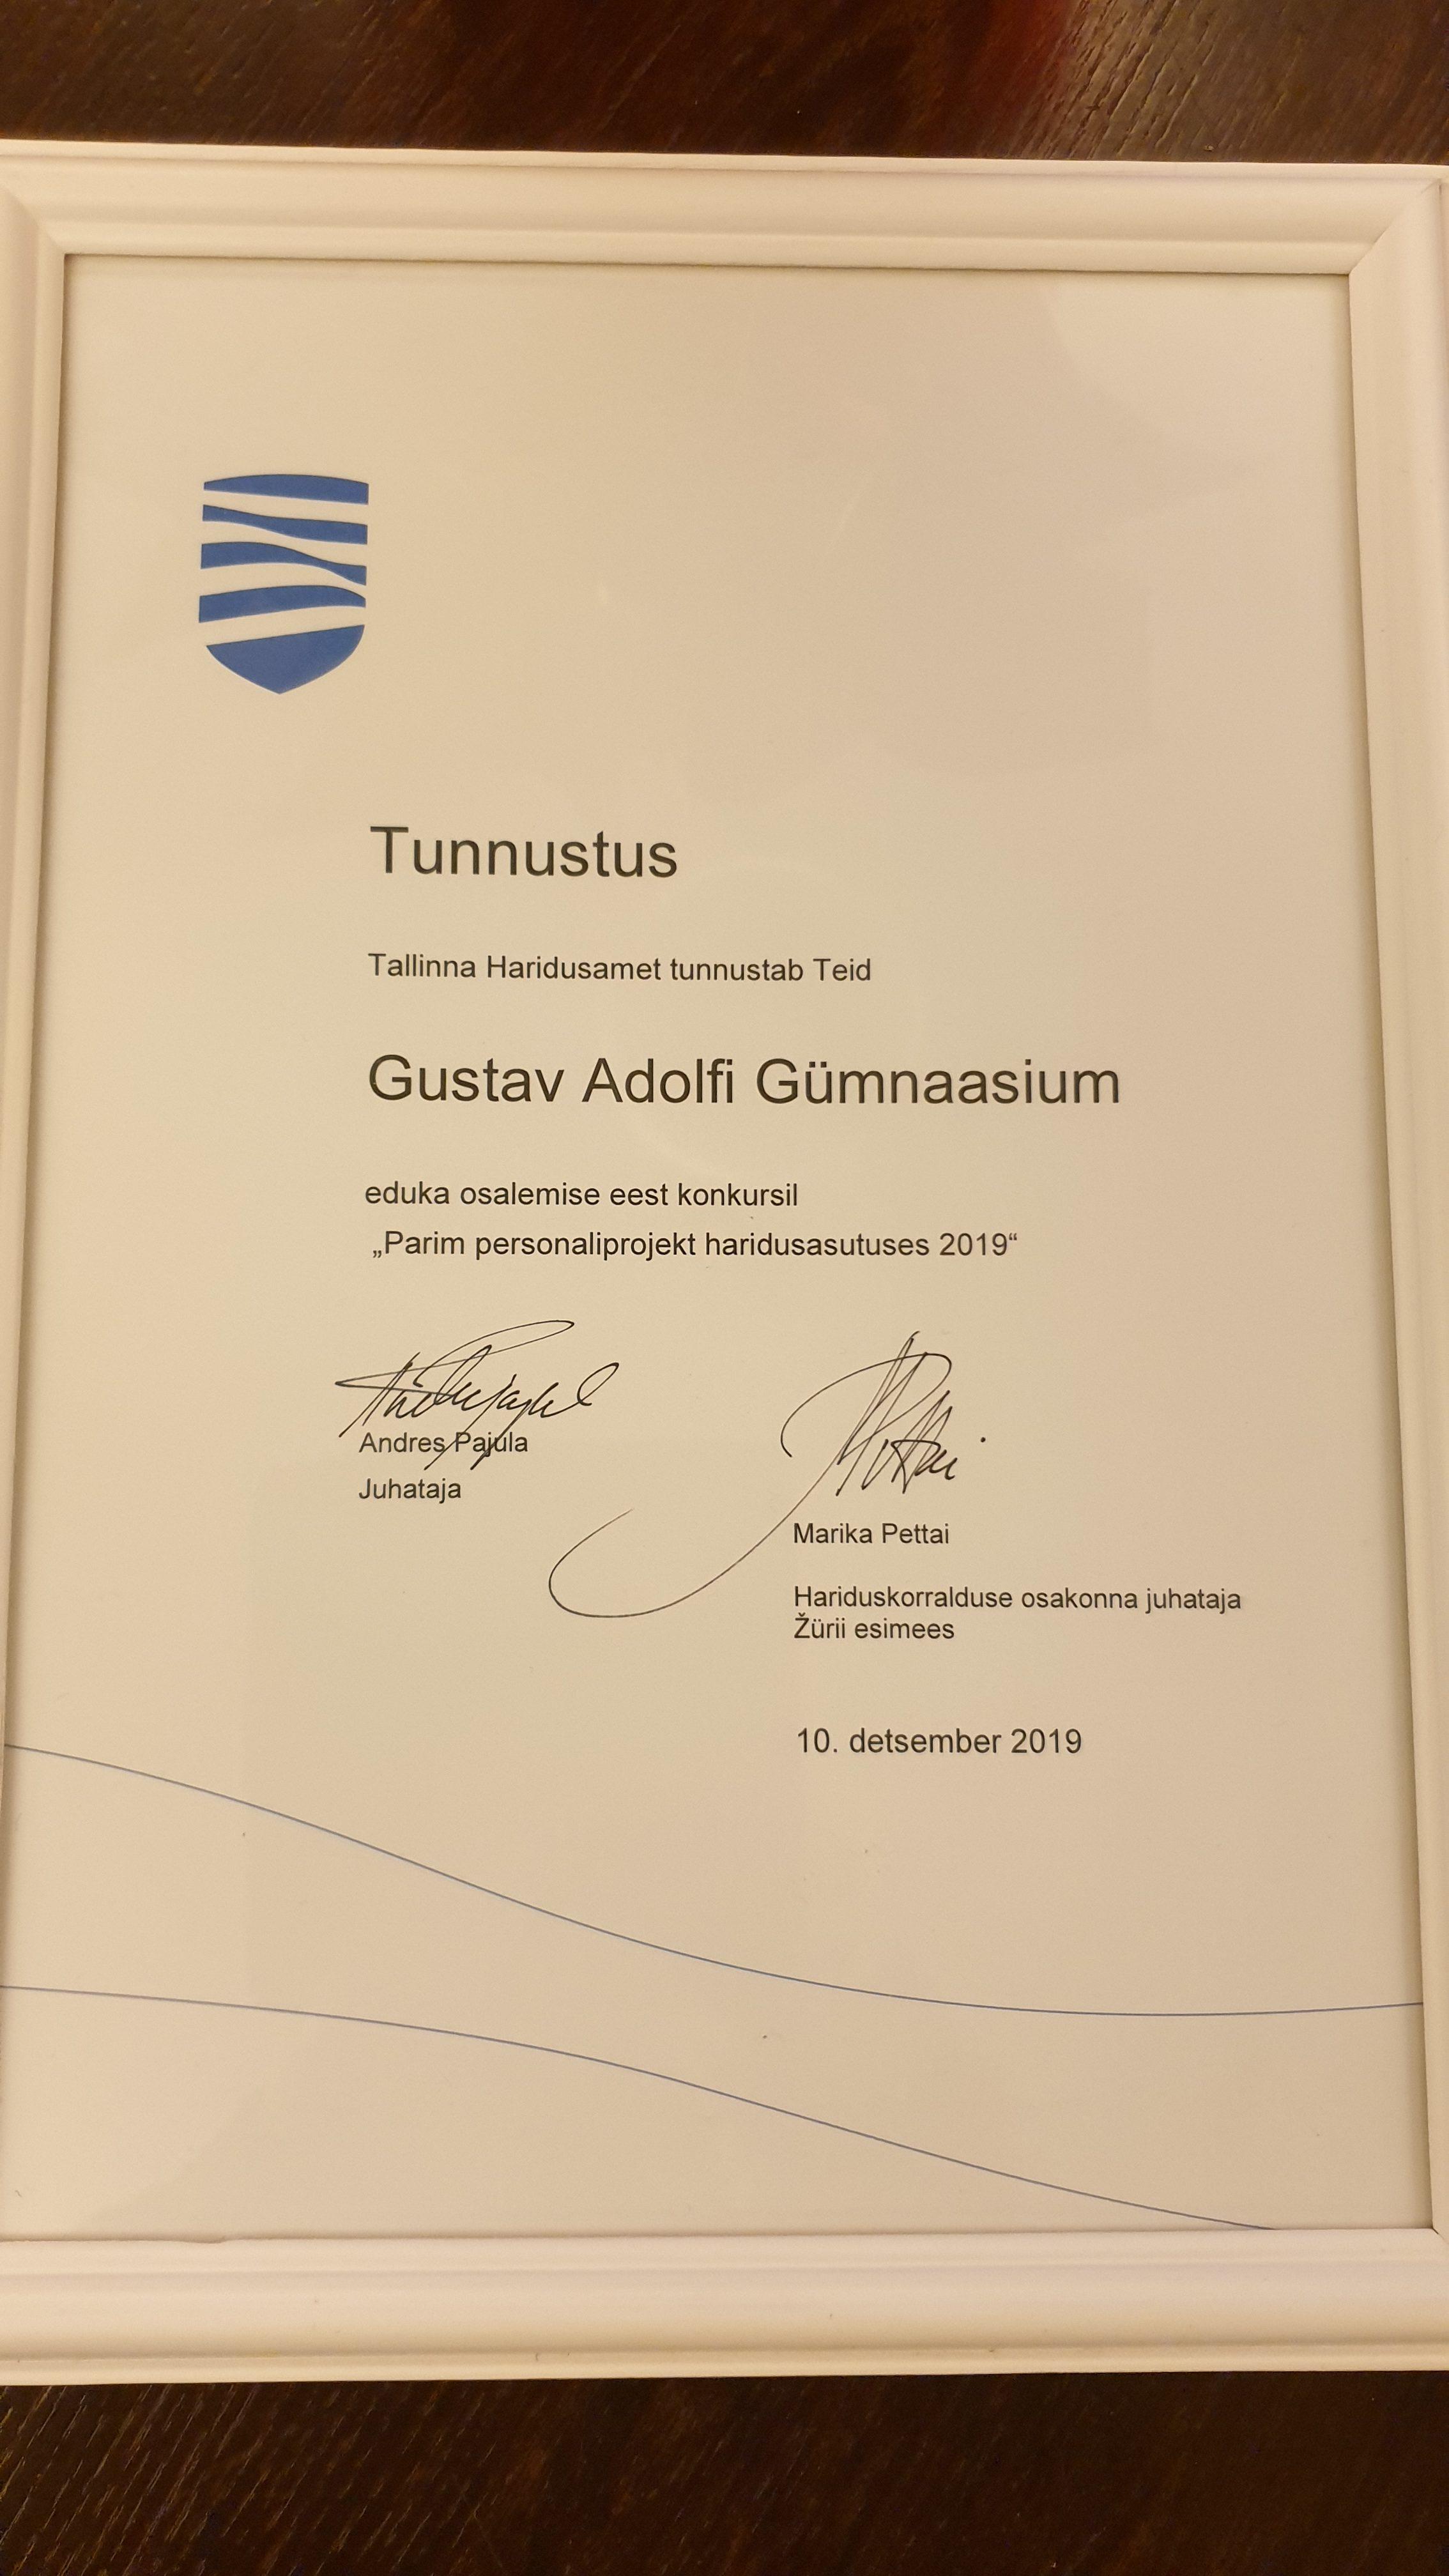 """Gustav Adolfi Gümnaasium pälvis tunnustuse Tallinna Haridusameti konkursil """"Parim personaliprojekt"""" 2019"""